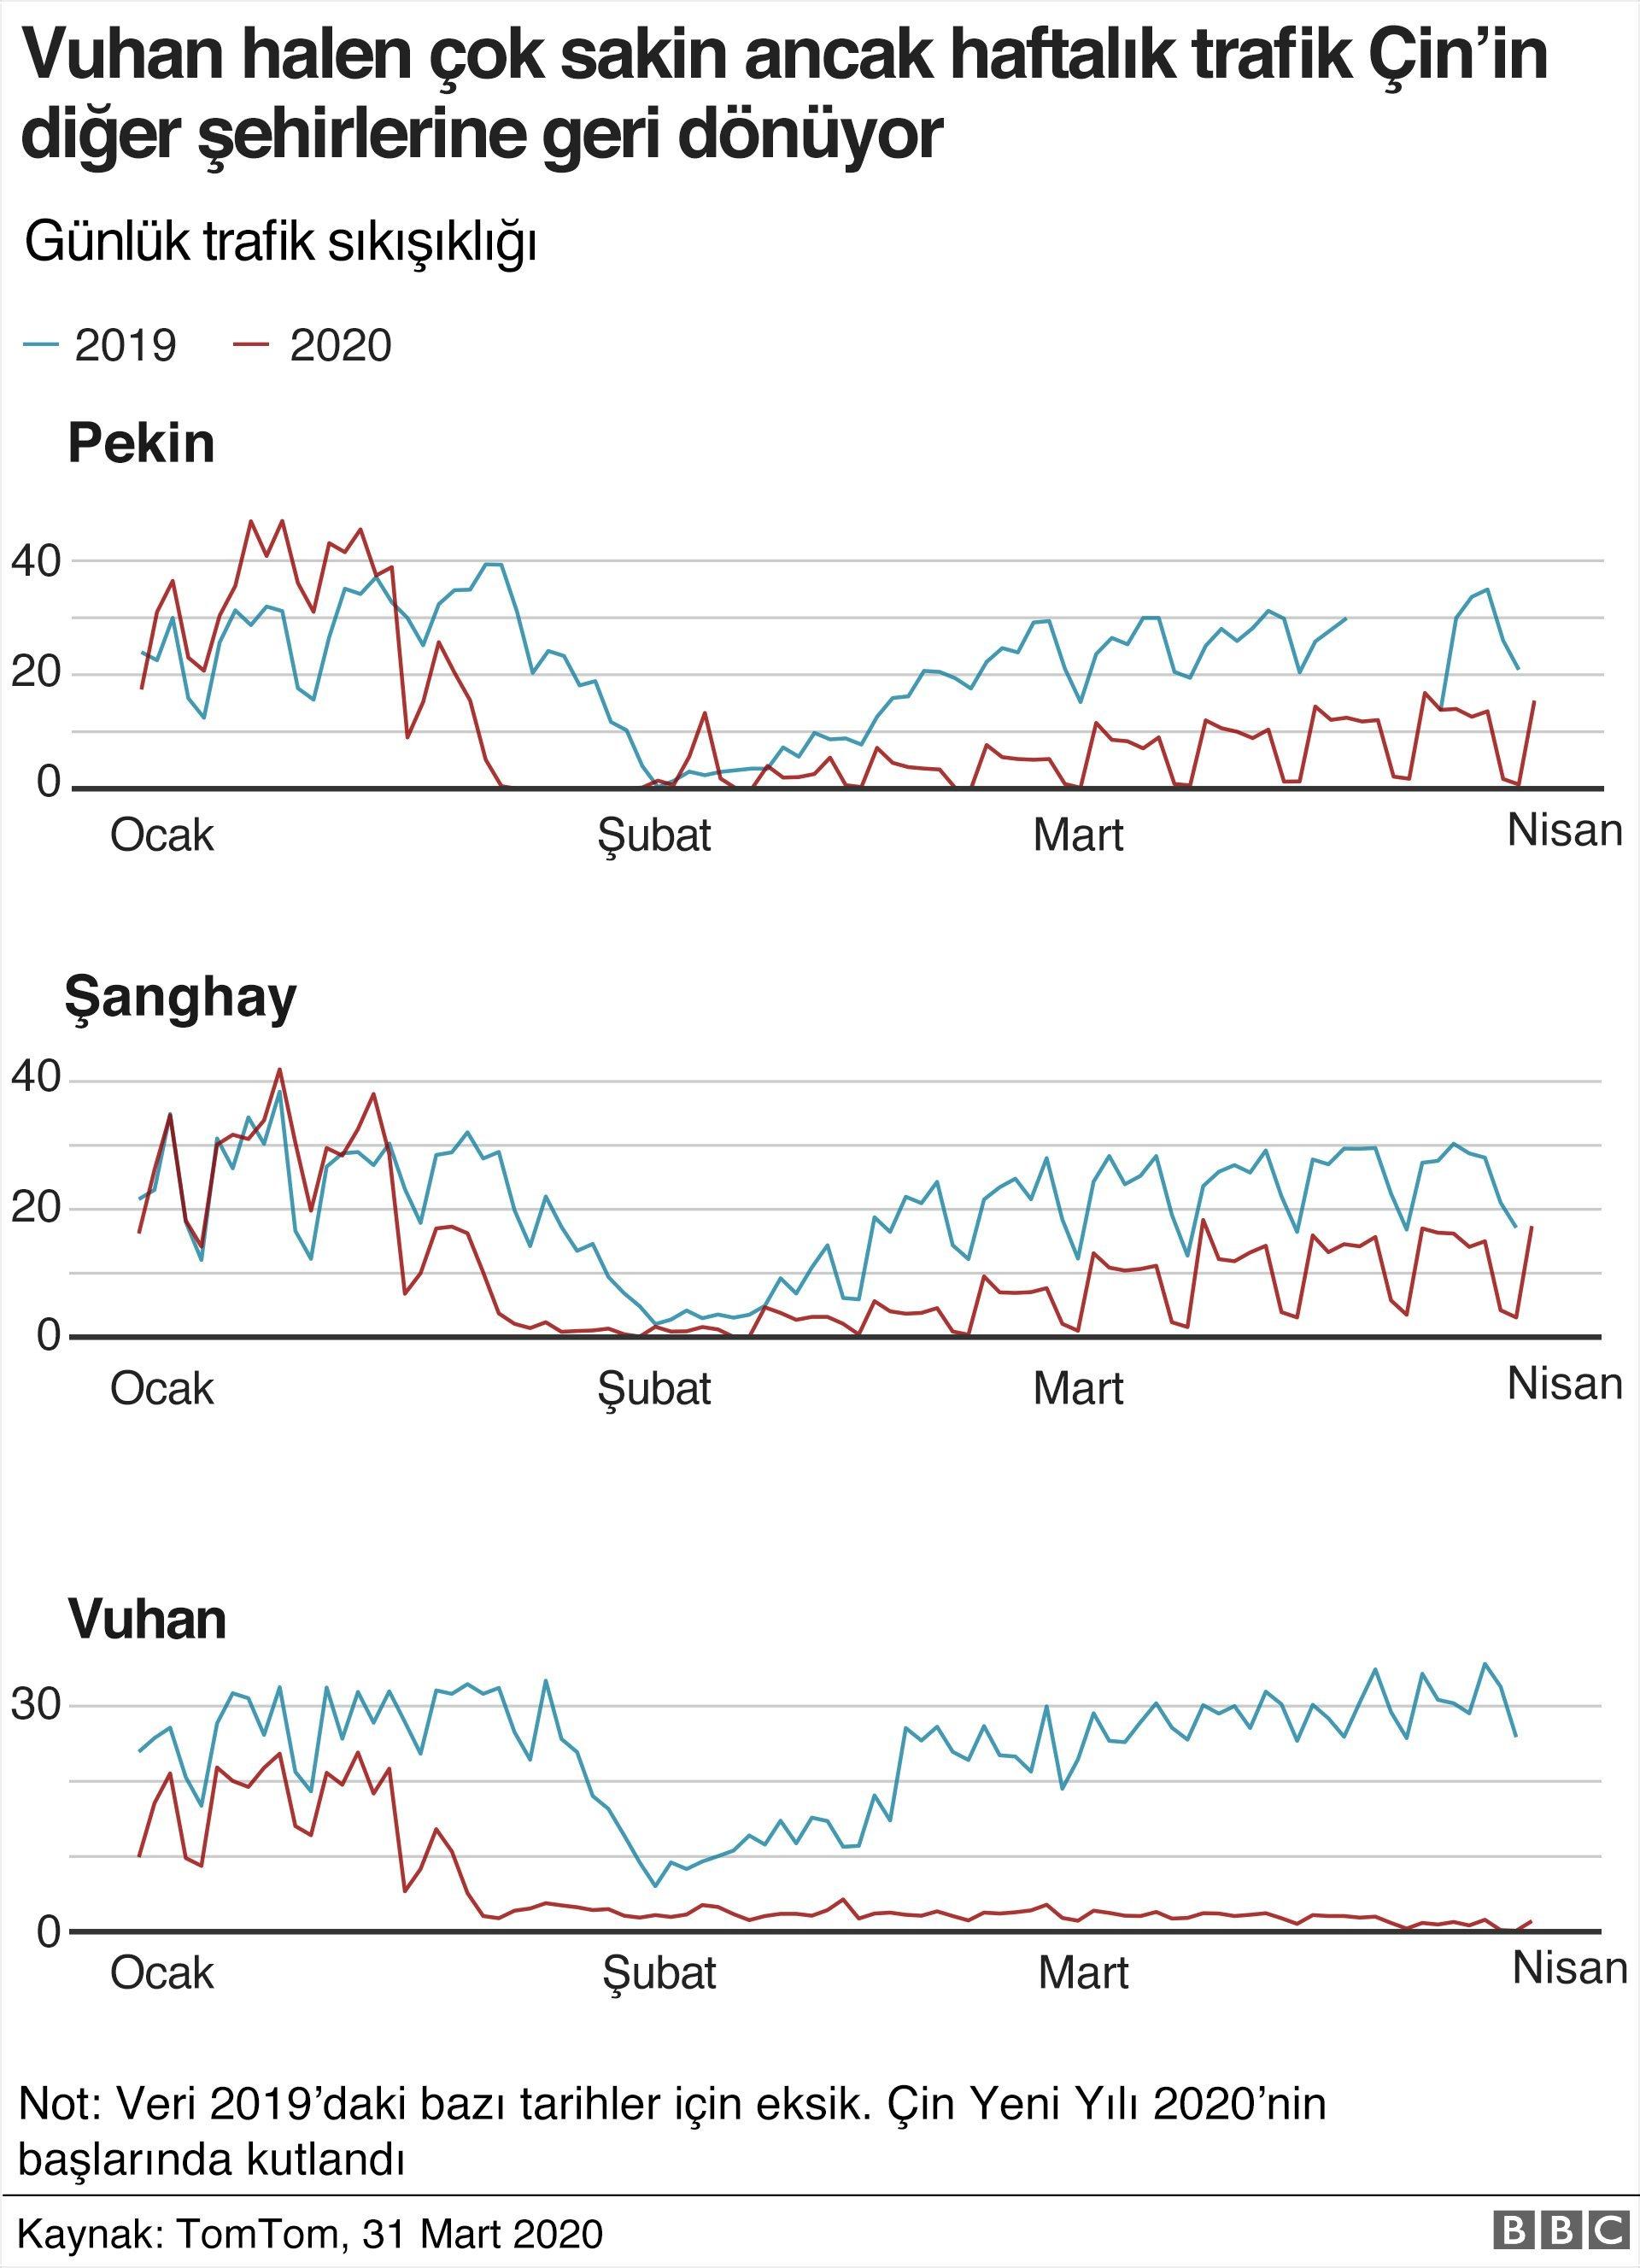 Çin'de günlük trafik sıkışıklığı verileri